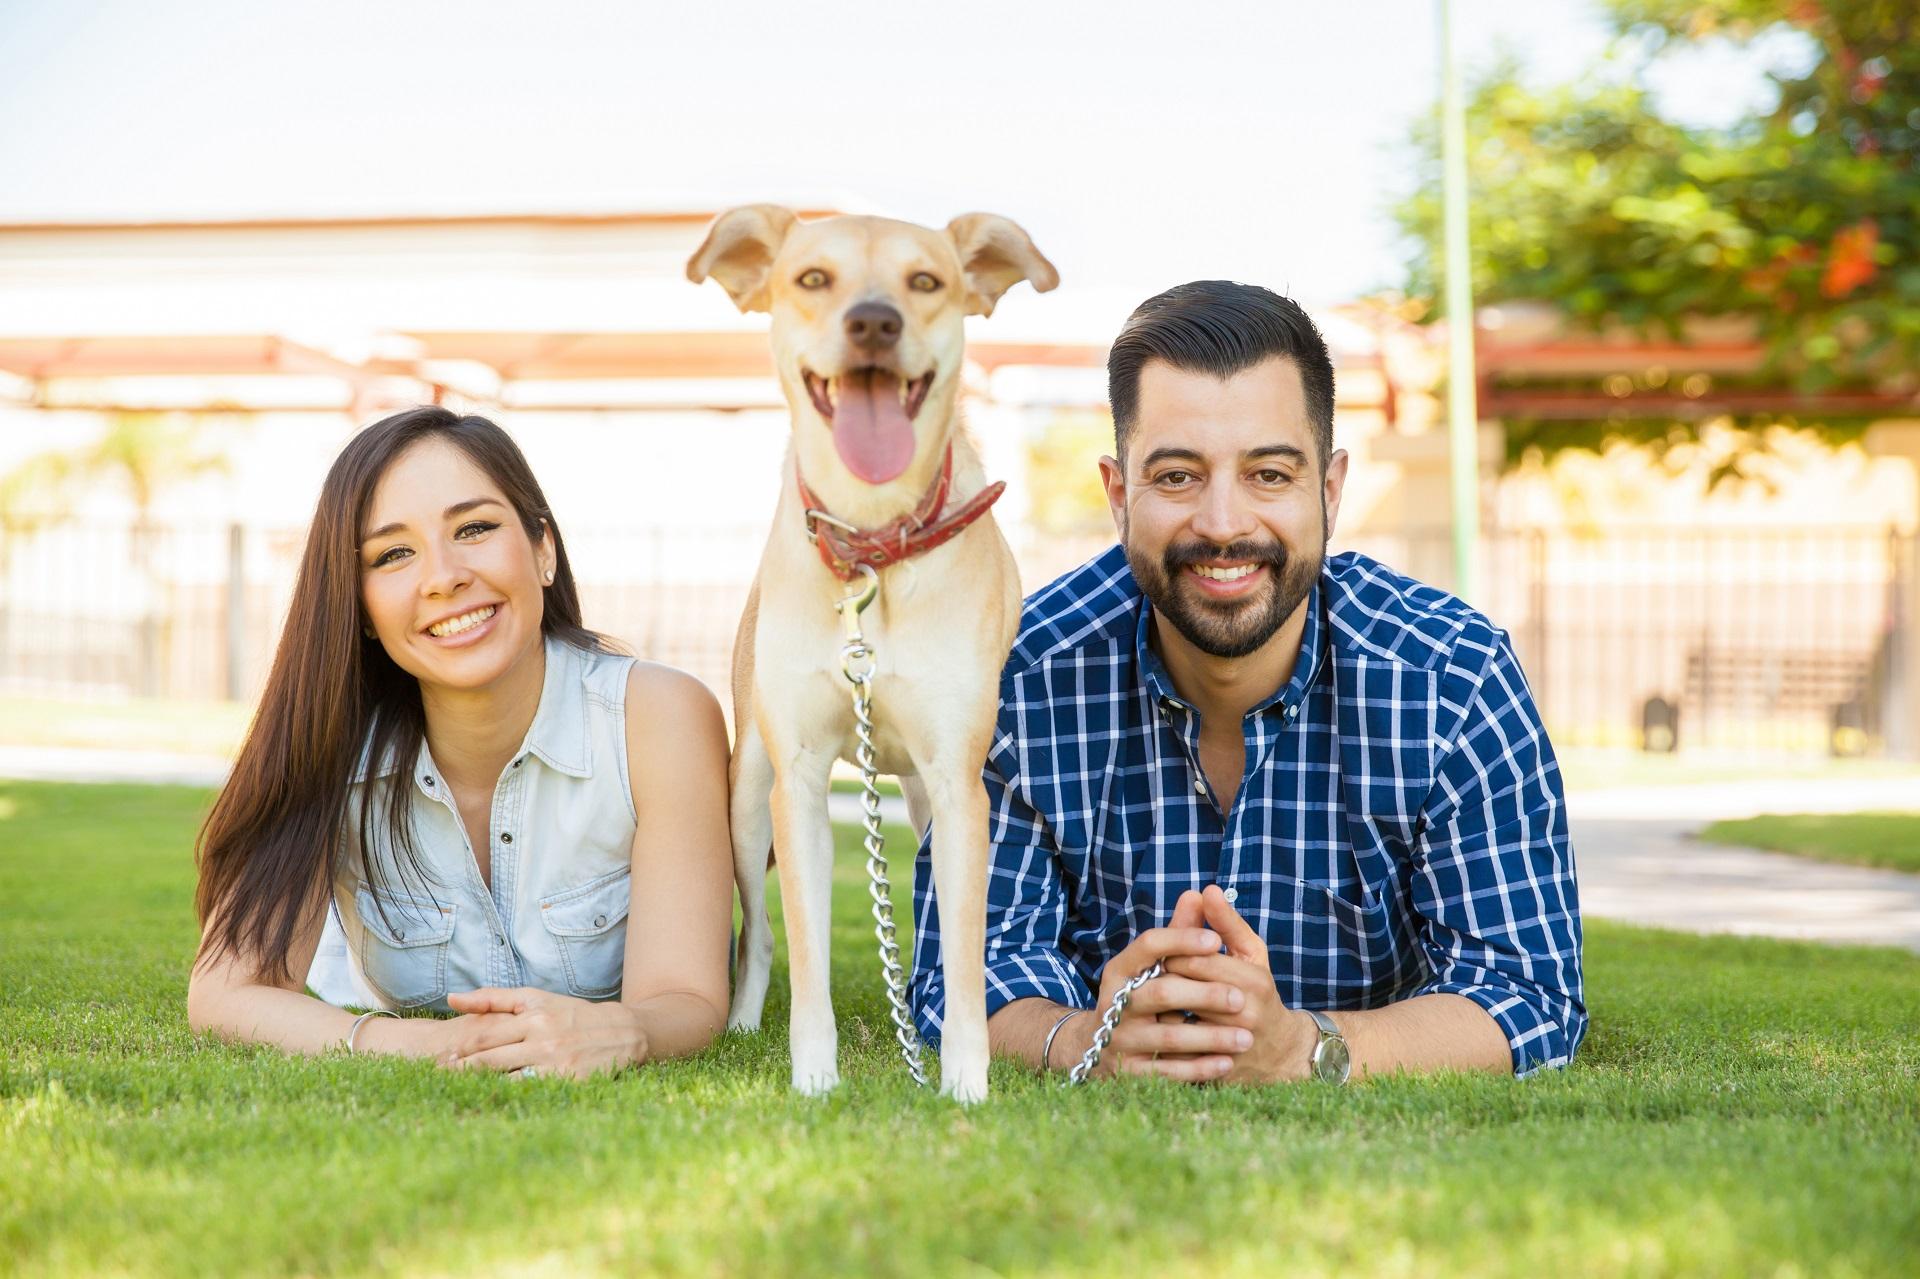 Hispanic-Fam-Dog-3